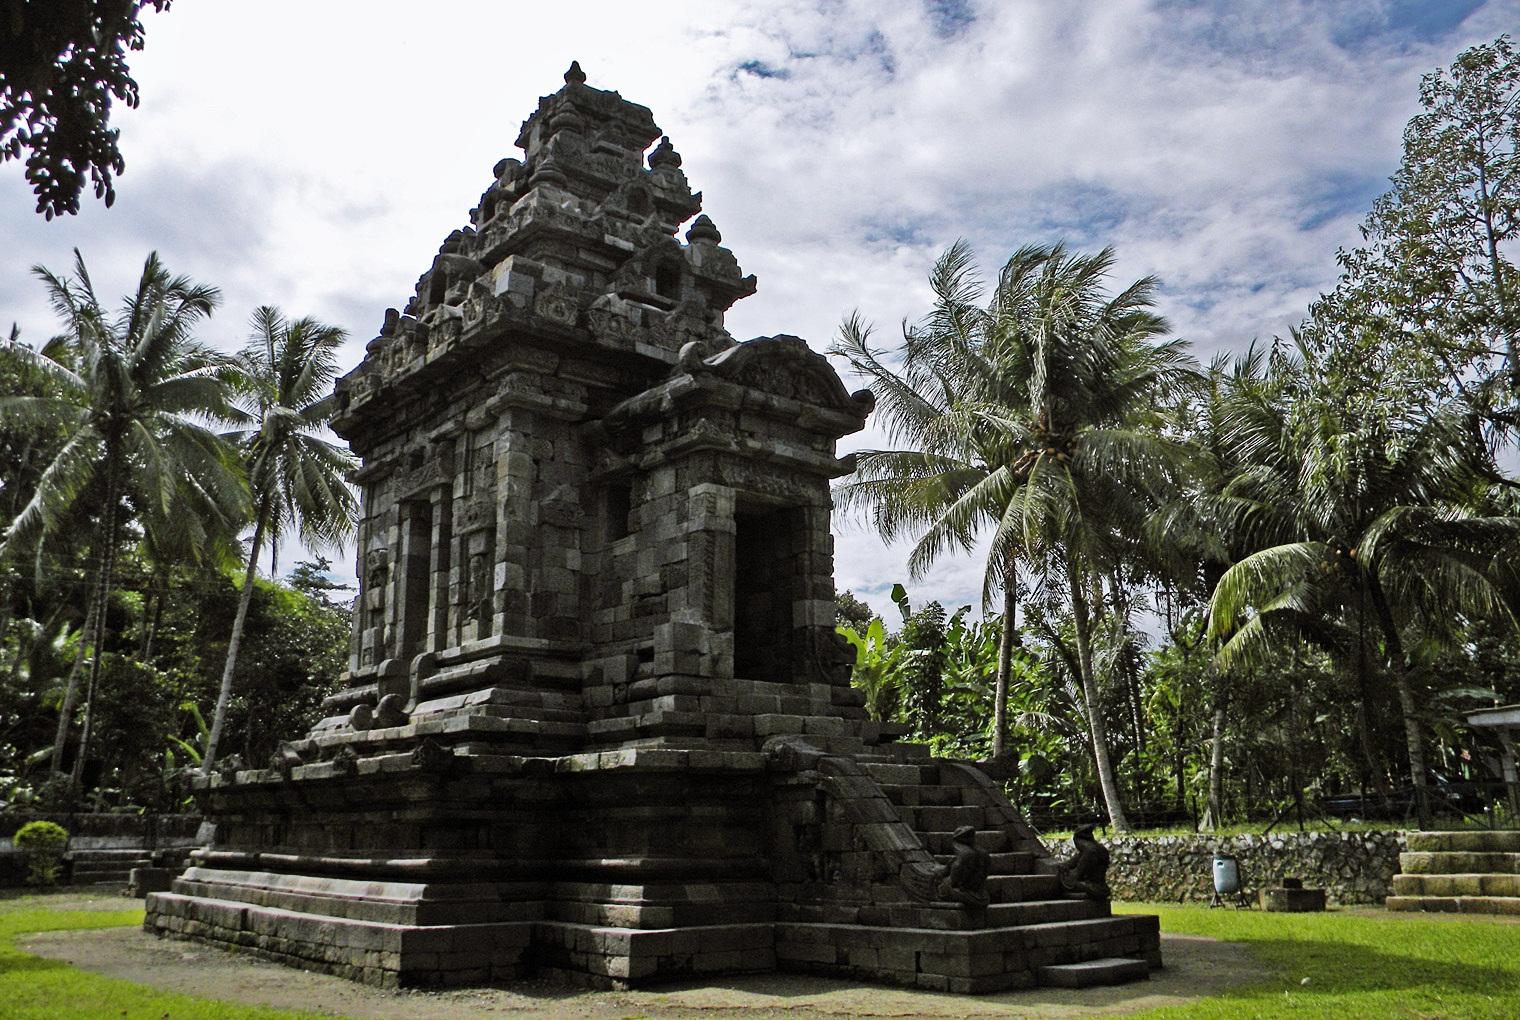 MENGAKU BACKPACKER: DAFTAR CANDI YANG ADA DI INDONESIA